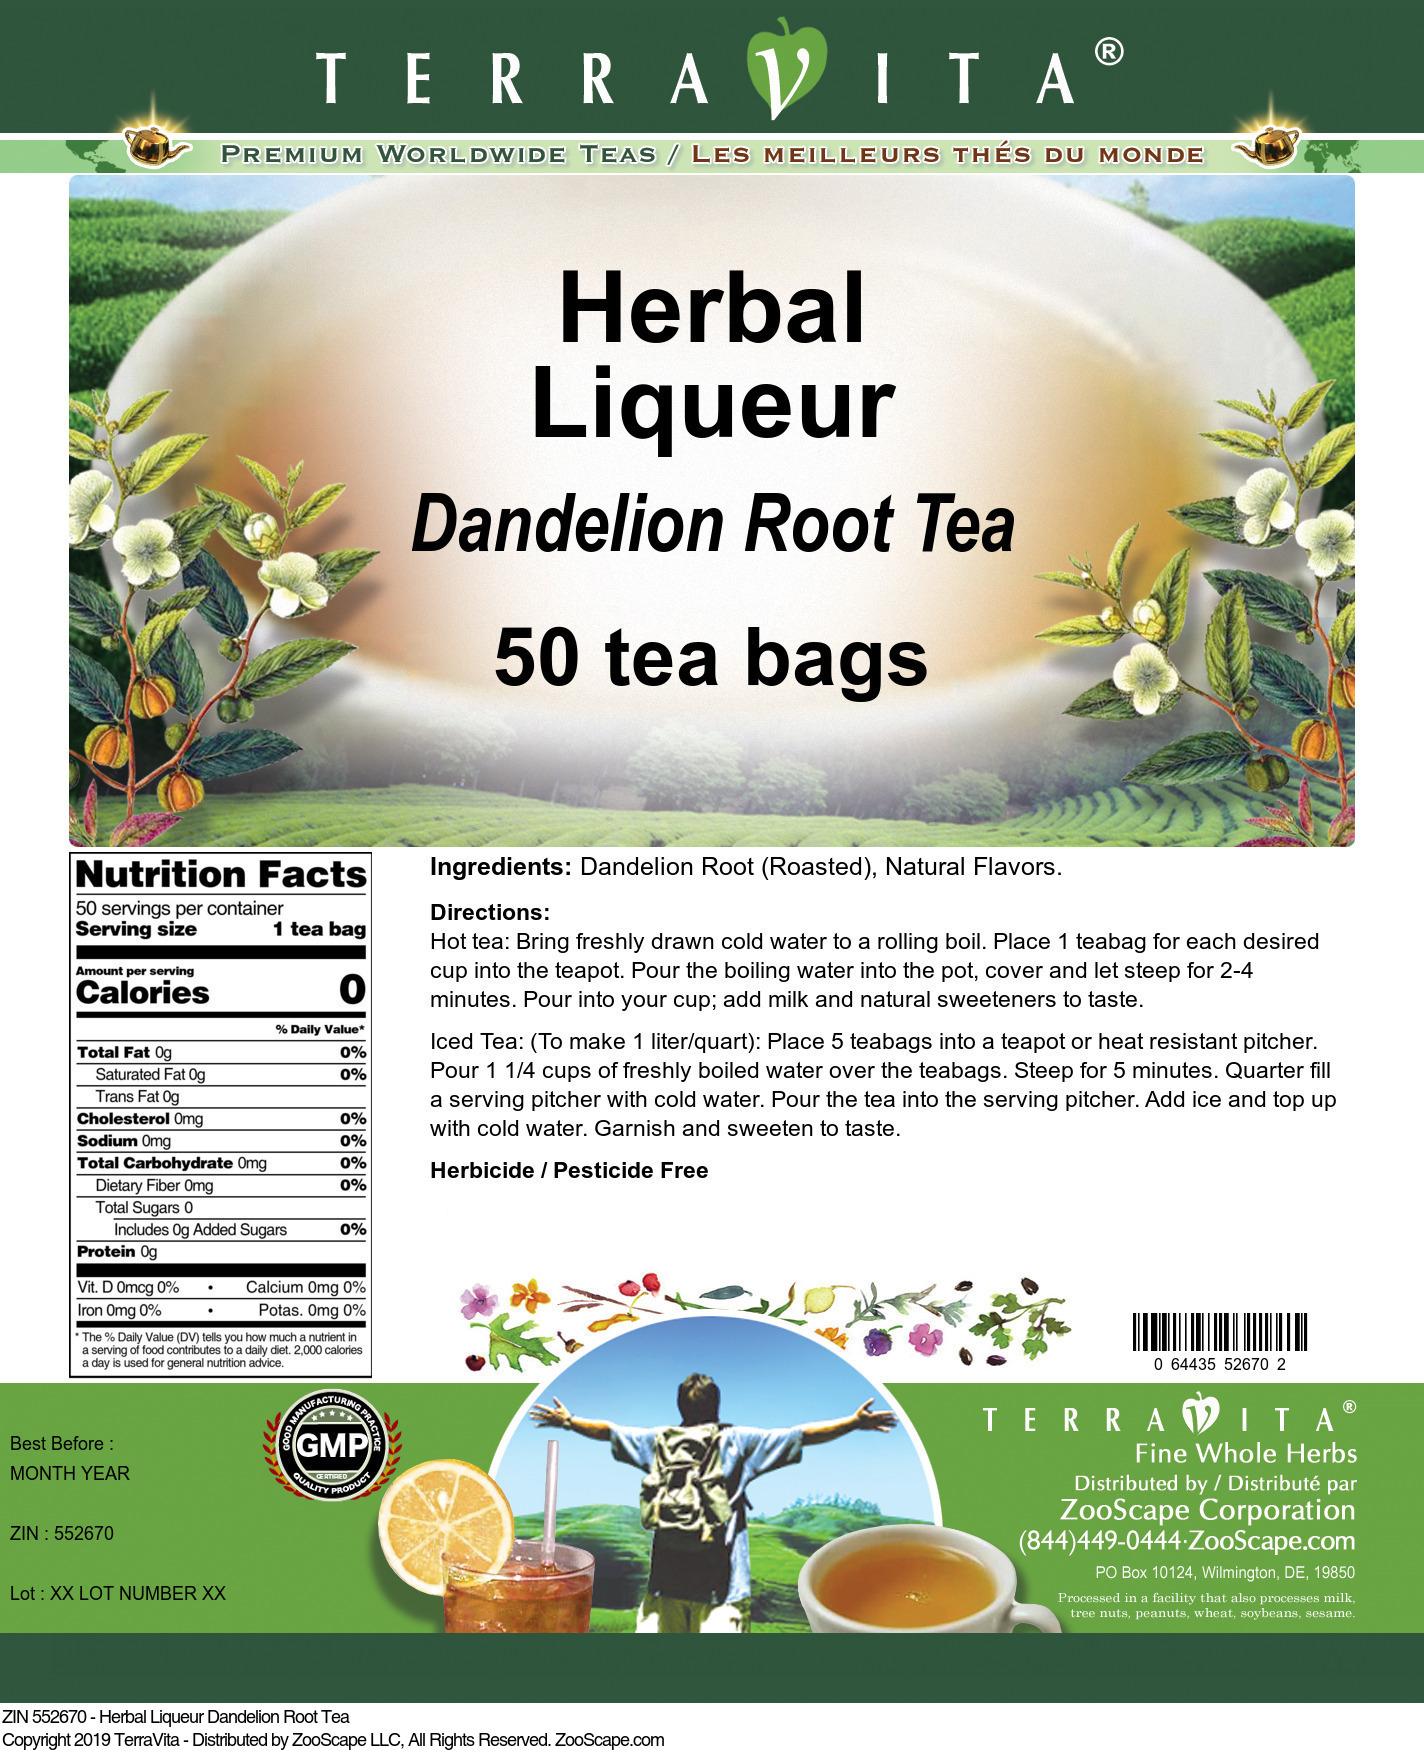 Herbal Liqueur Dandelion Root